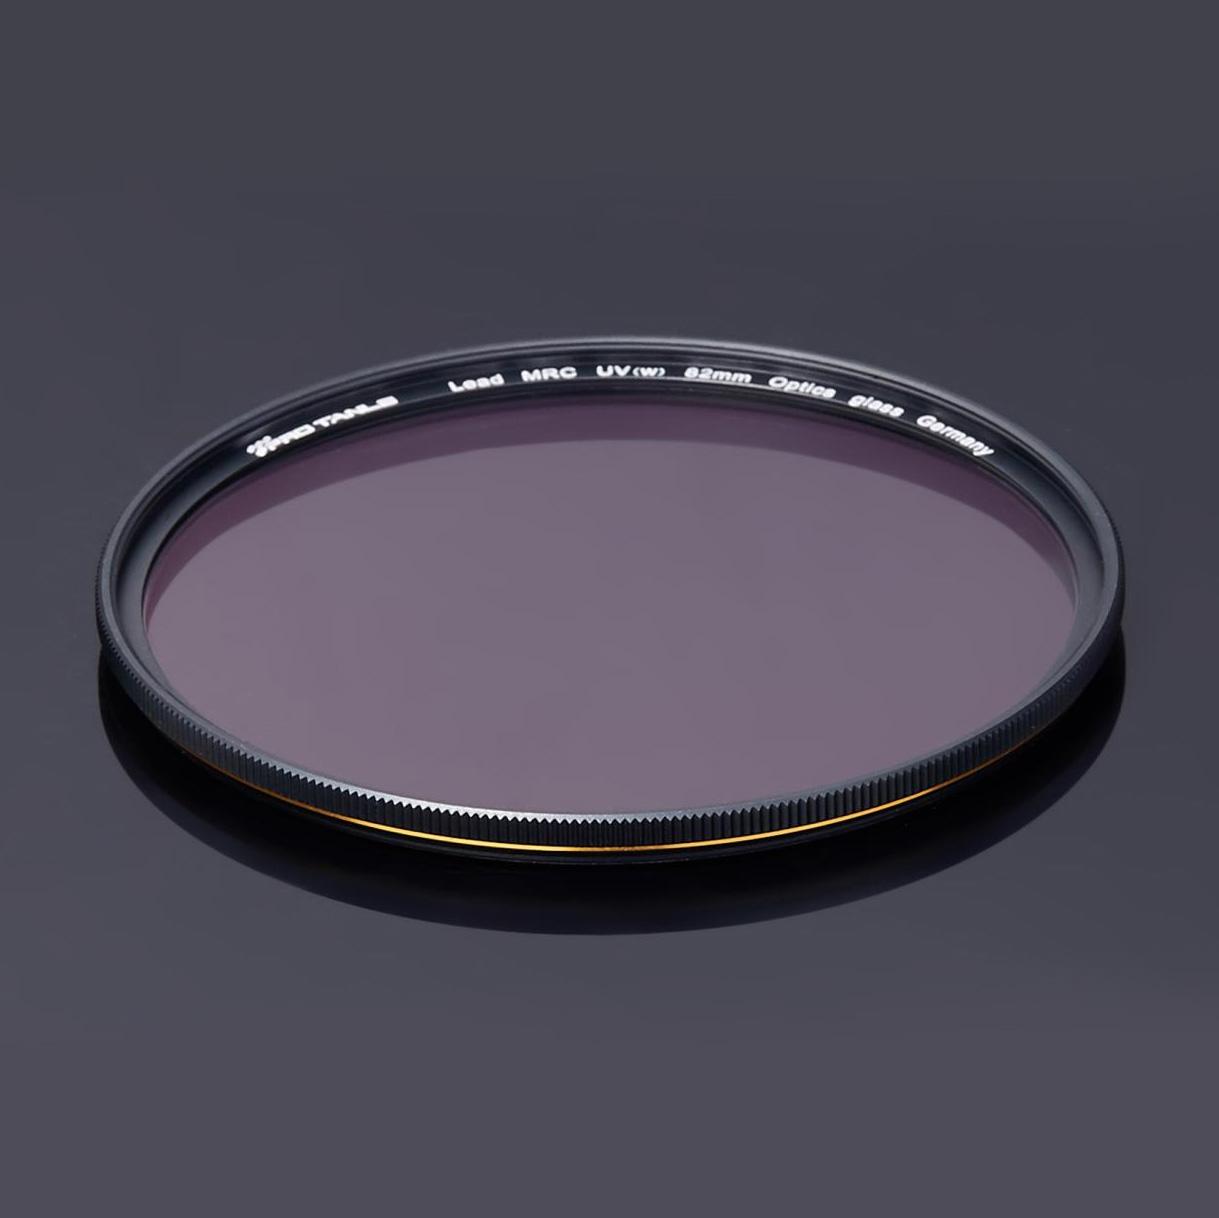 PROTANLE MRC UV (Optics glass Germany)